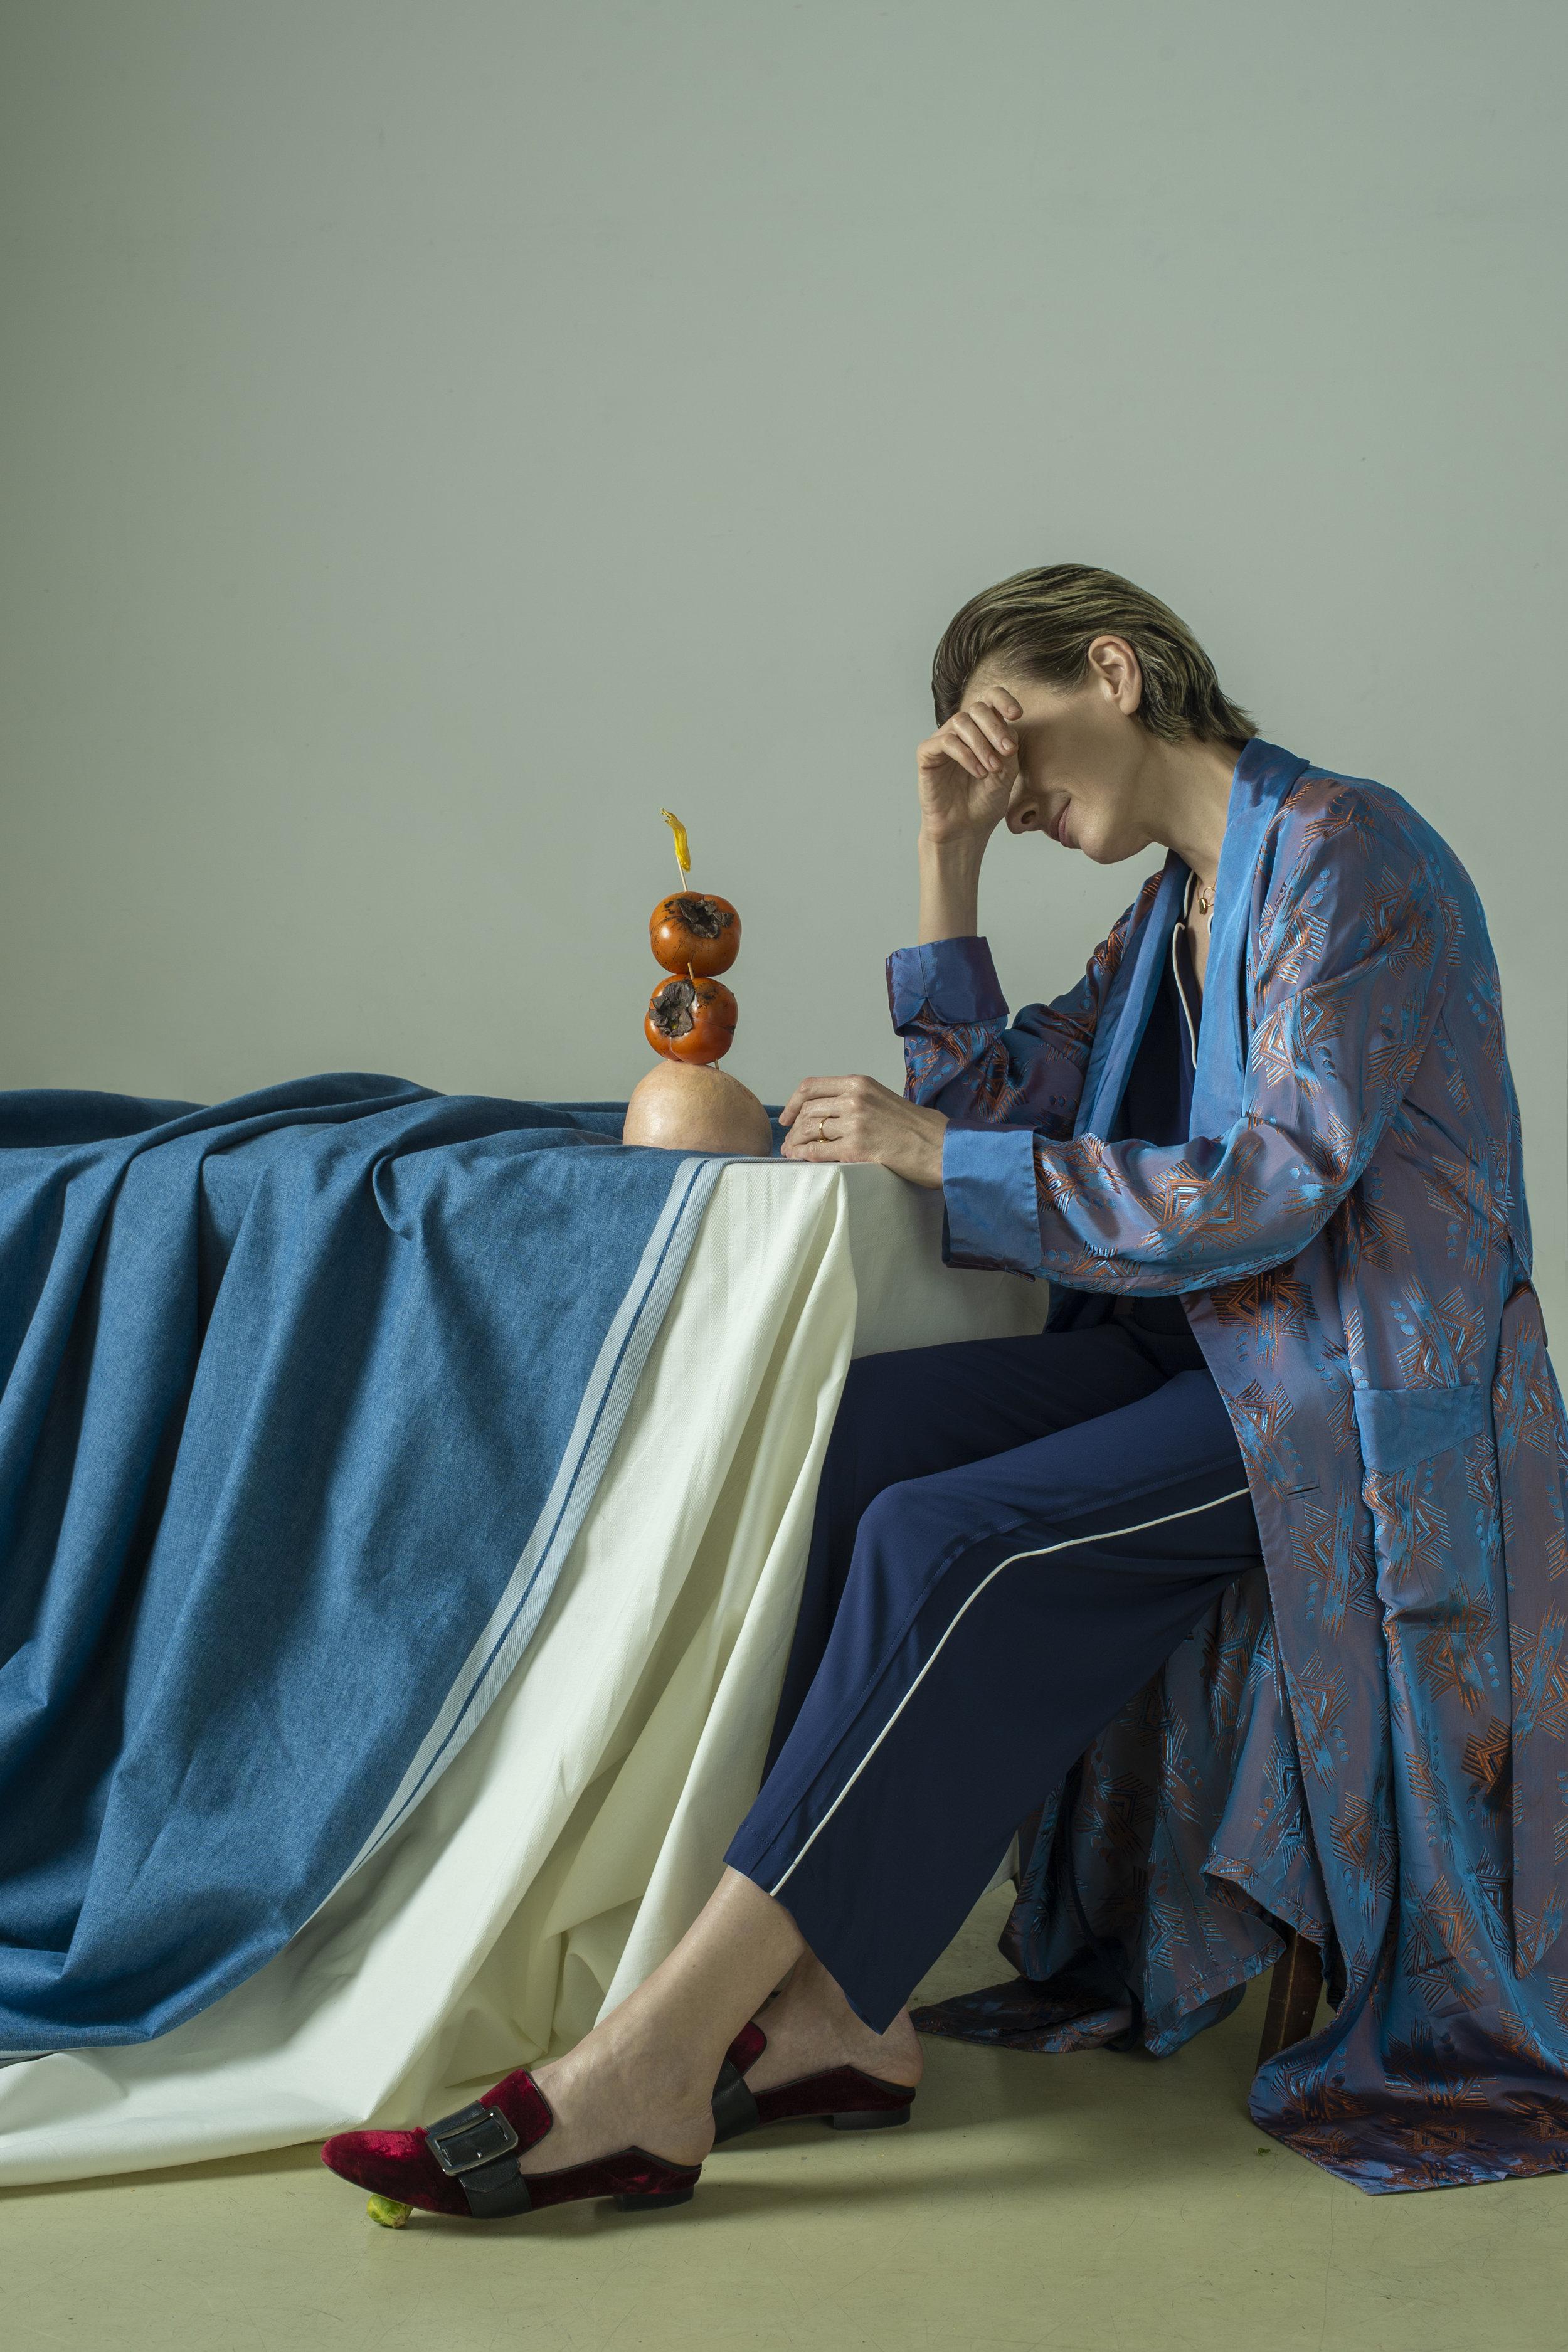 Robe GUCCI. Pajamas MARINA RINALDI. Mules BALLY.Ring and necklace MODBRAND. Ring AVGVST